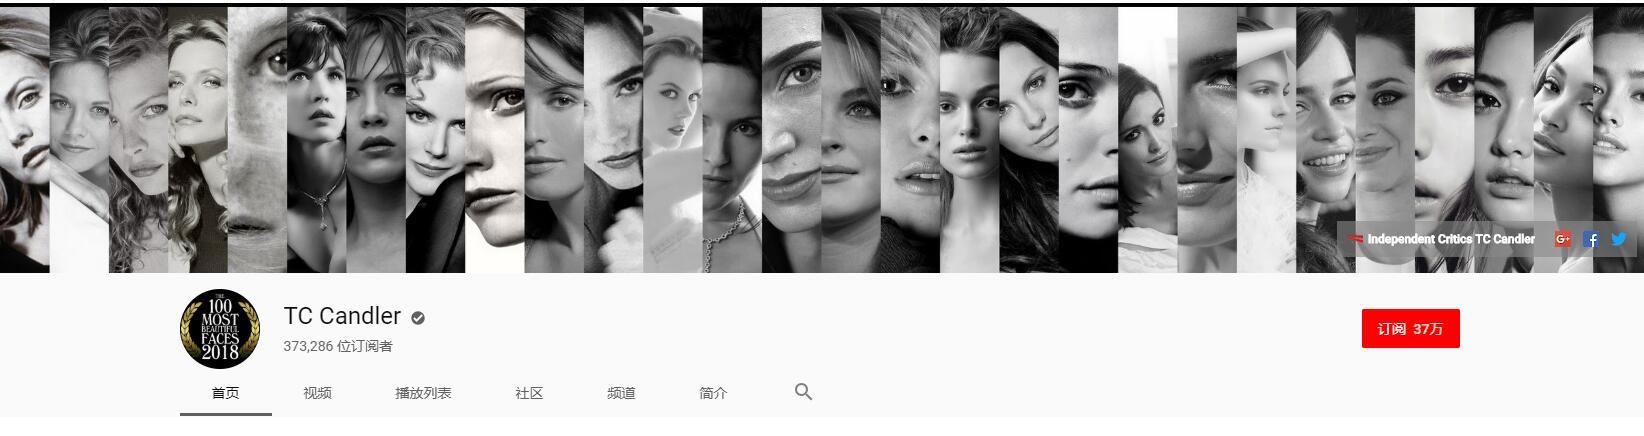 柾国、子瑜登2018百大帅哥、美女第2名,防弹少年团全员上榜!但别高兴,这是野鸡榜单!插图3